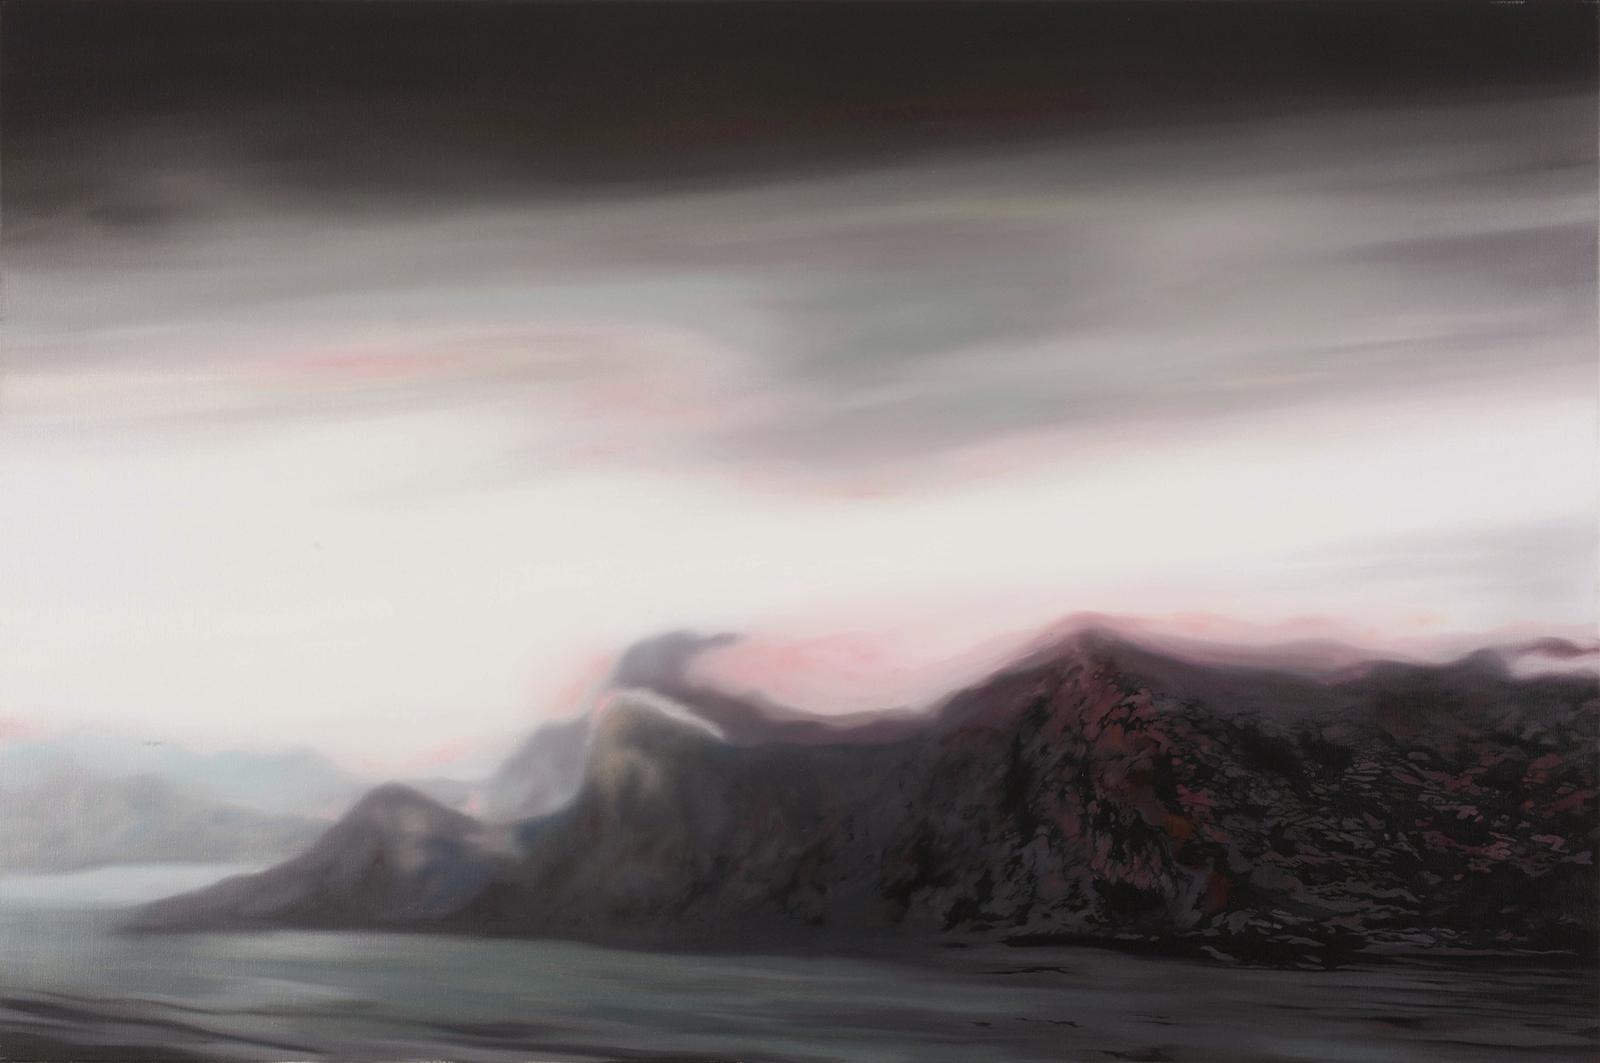 Nordische Landschaft 2007, 80 x 120 cm, Öl auf Leinwand  Nordic Landscape 2007, 80 x 120 cm, oil on canvas